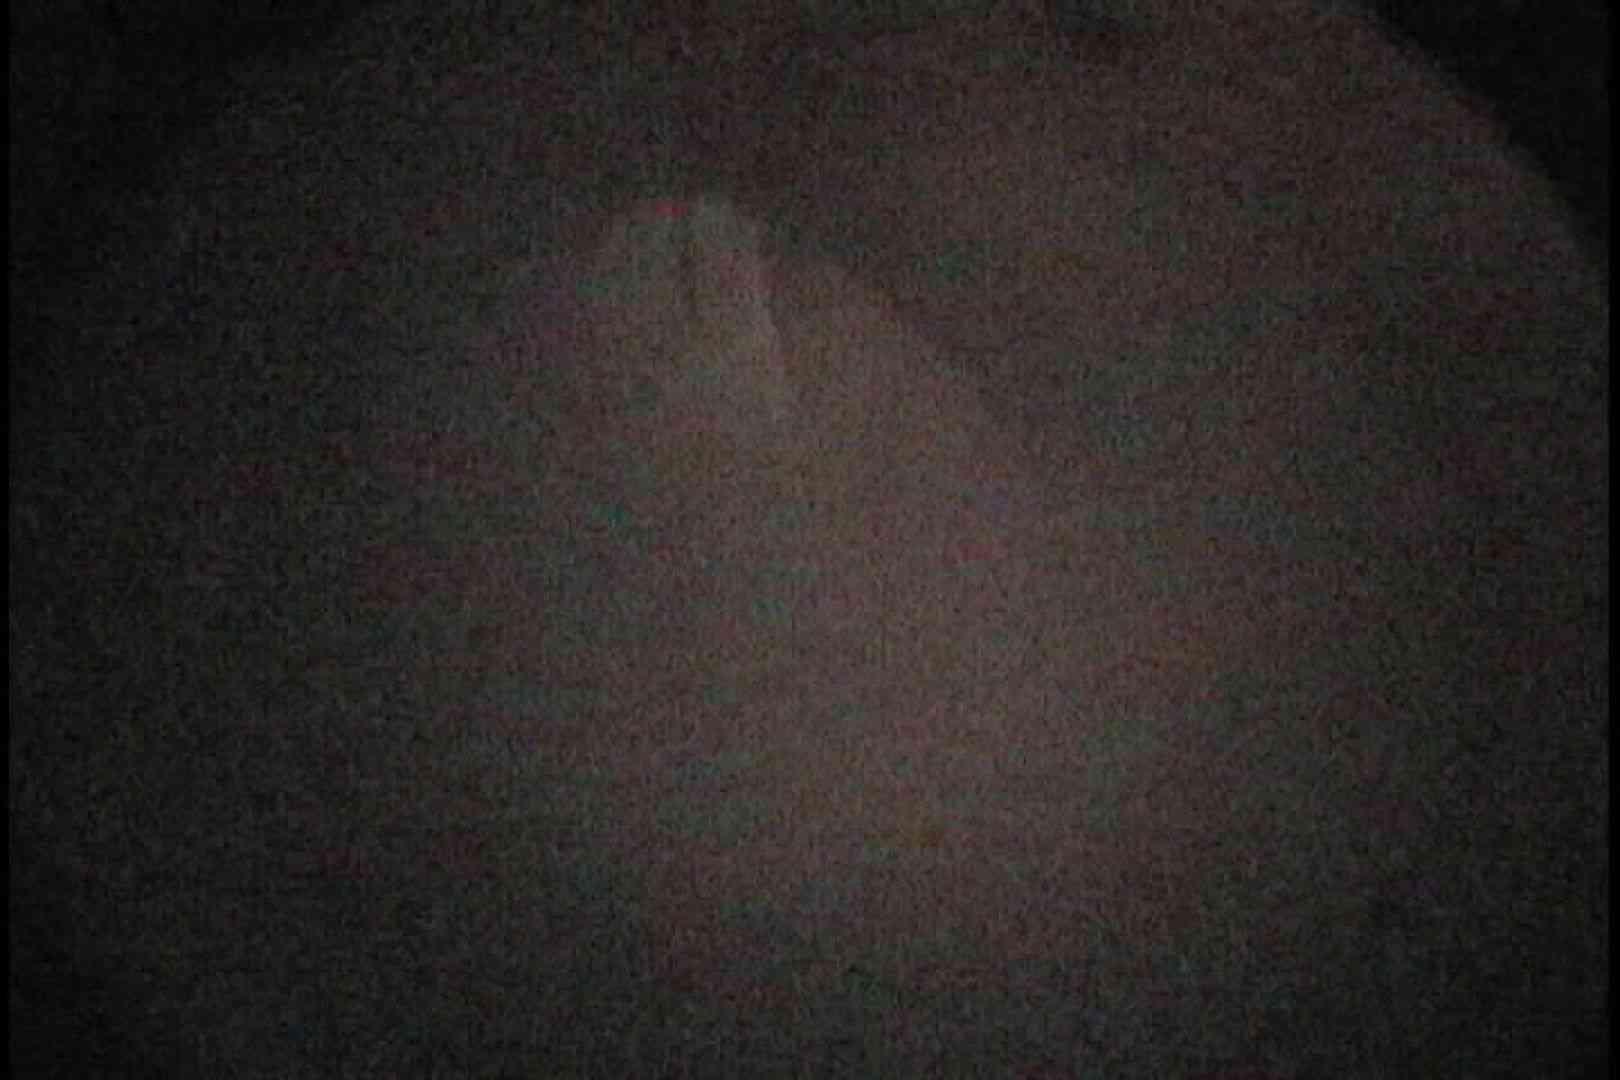 エッチ 熟女|No.111  カメラに向けられる鋭い視線が!|怪盗ジョーカー